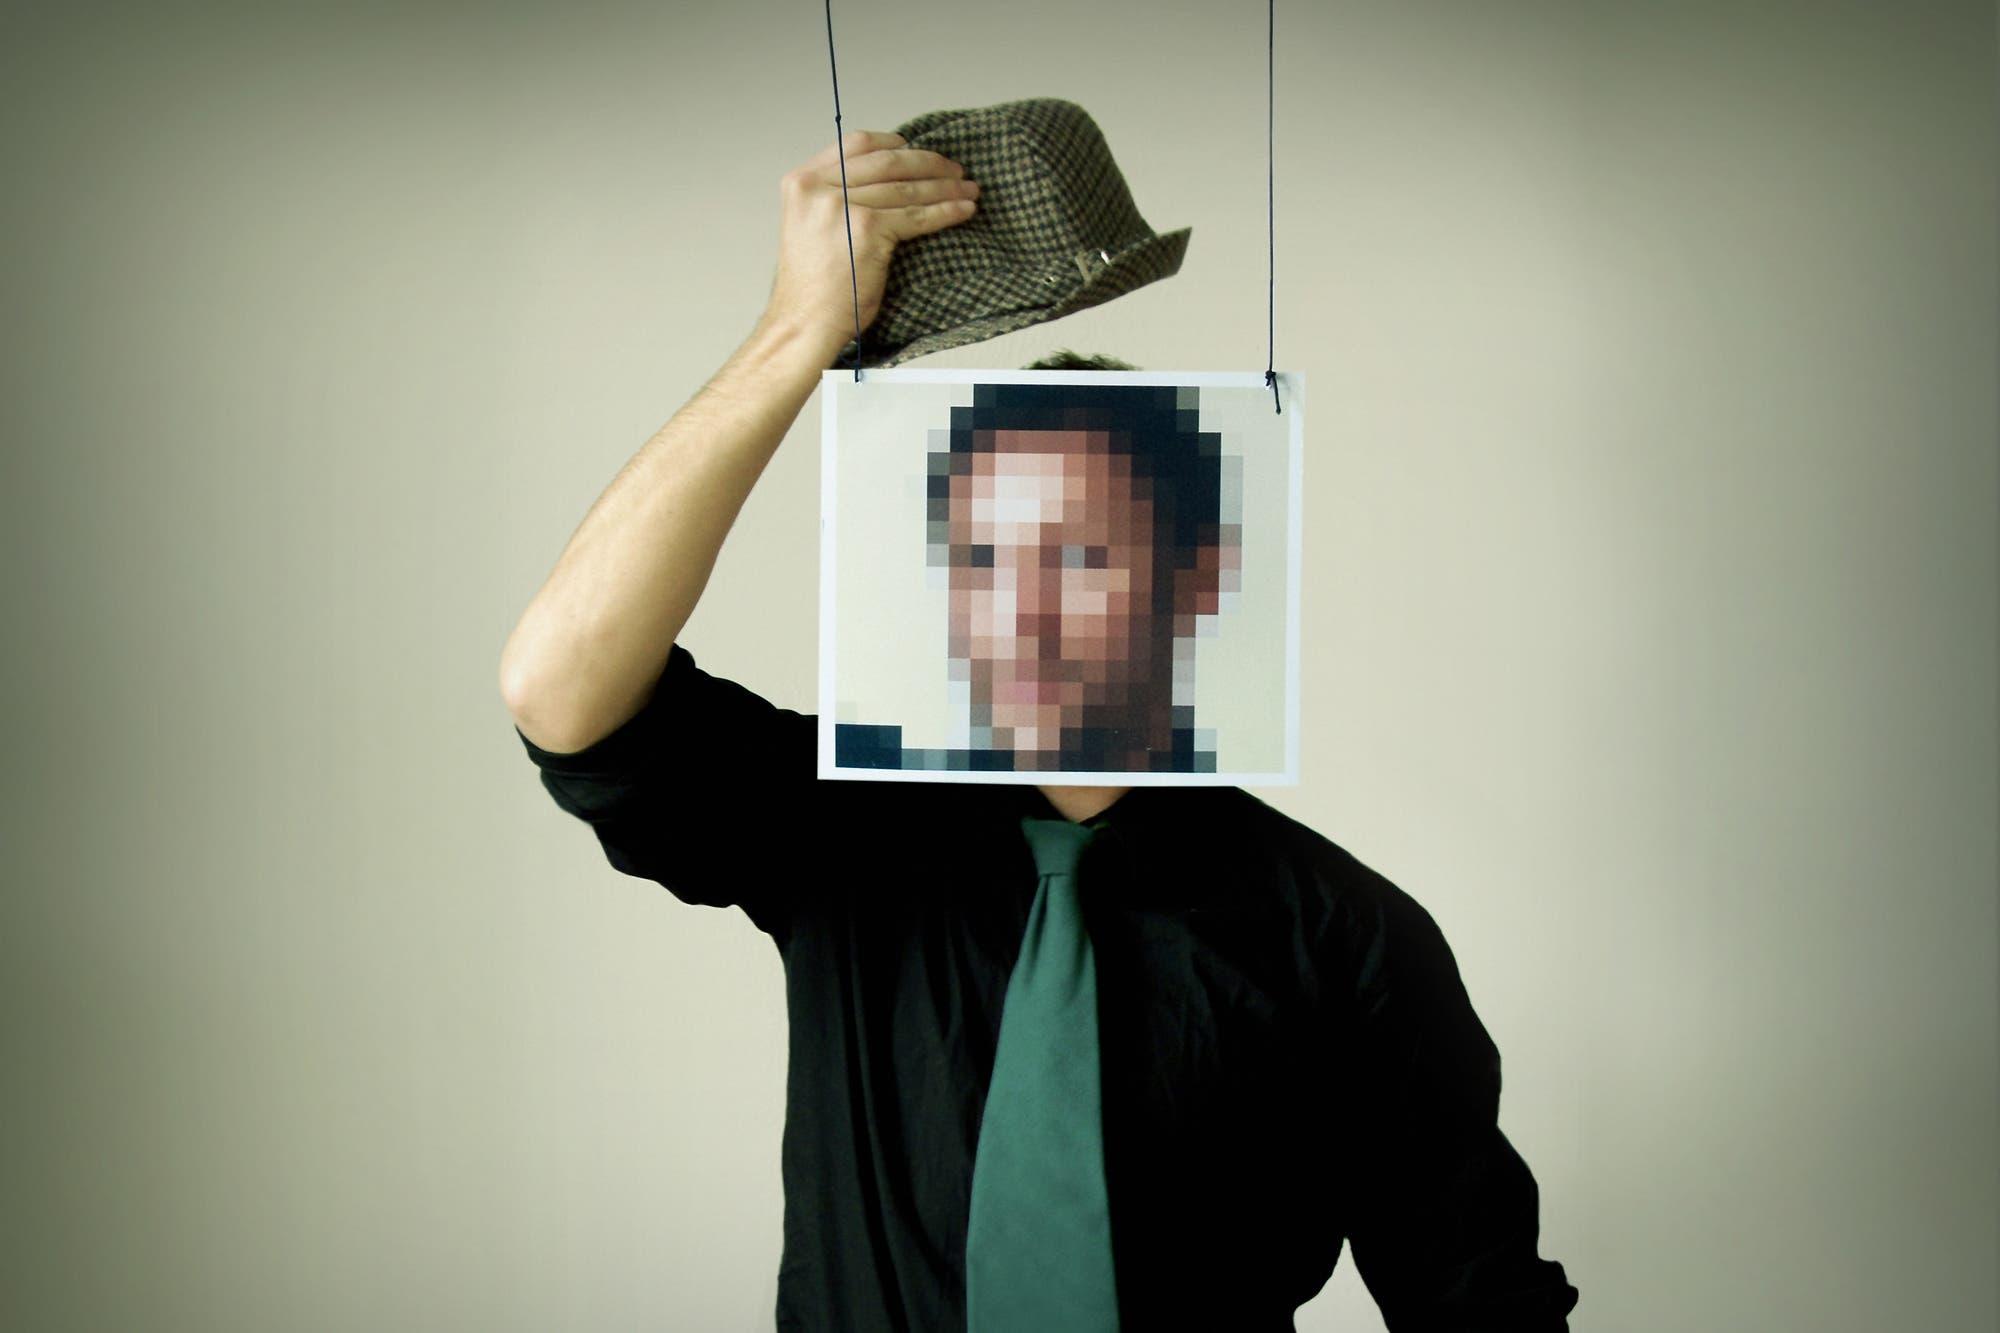 Cómo usar deepfakes para ocultar tu identidad mejor que con el pixelado